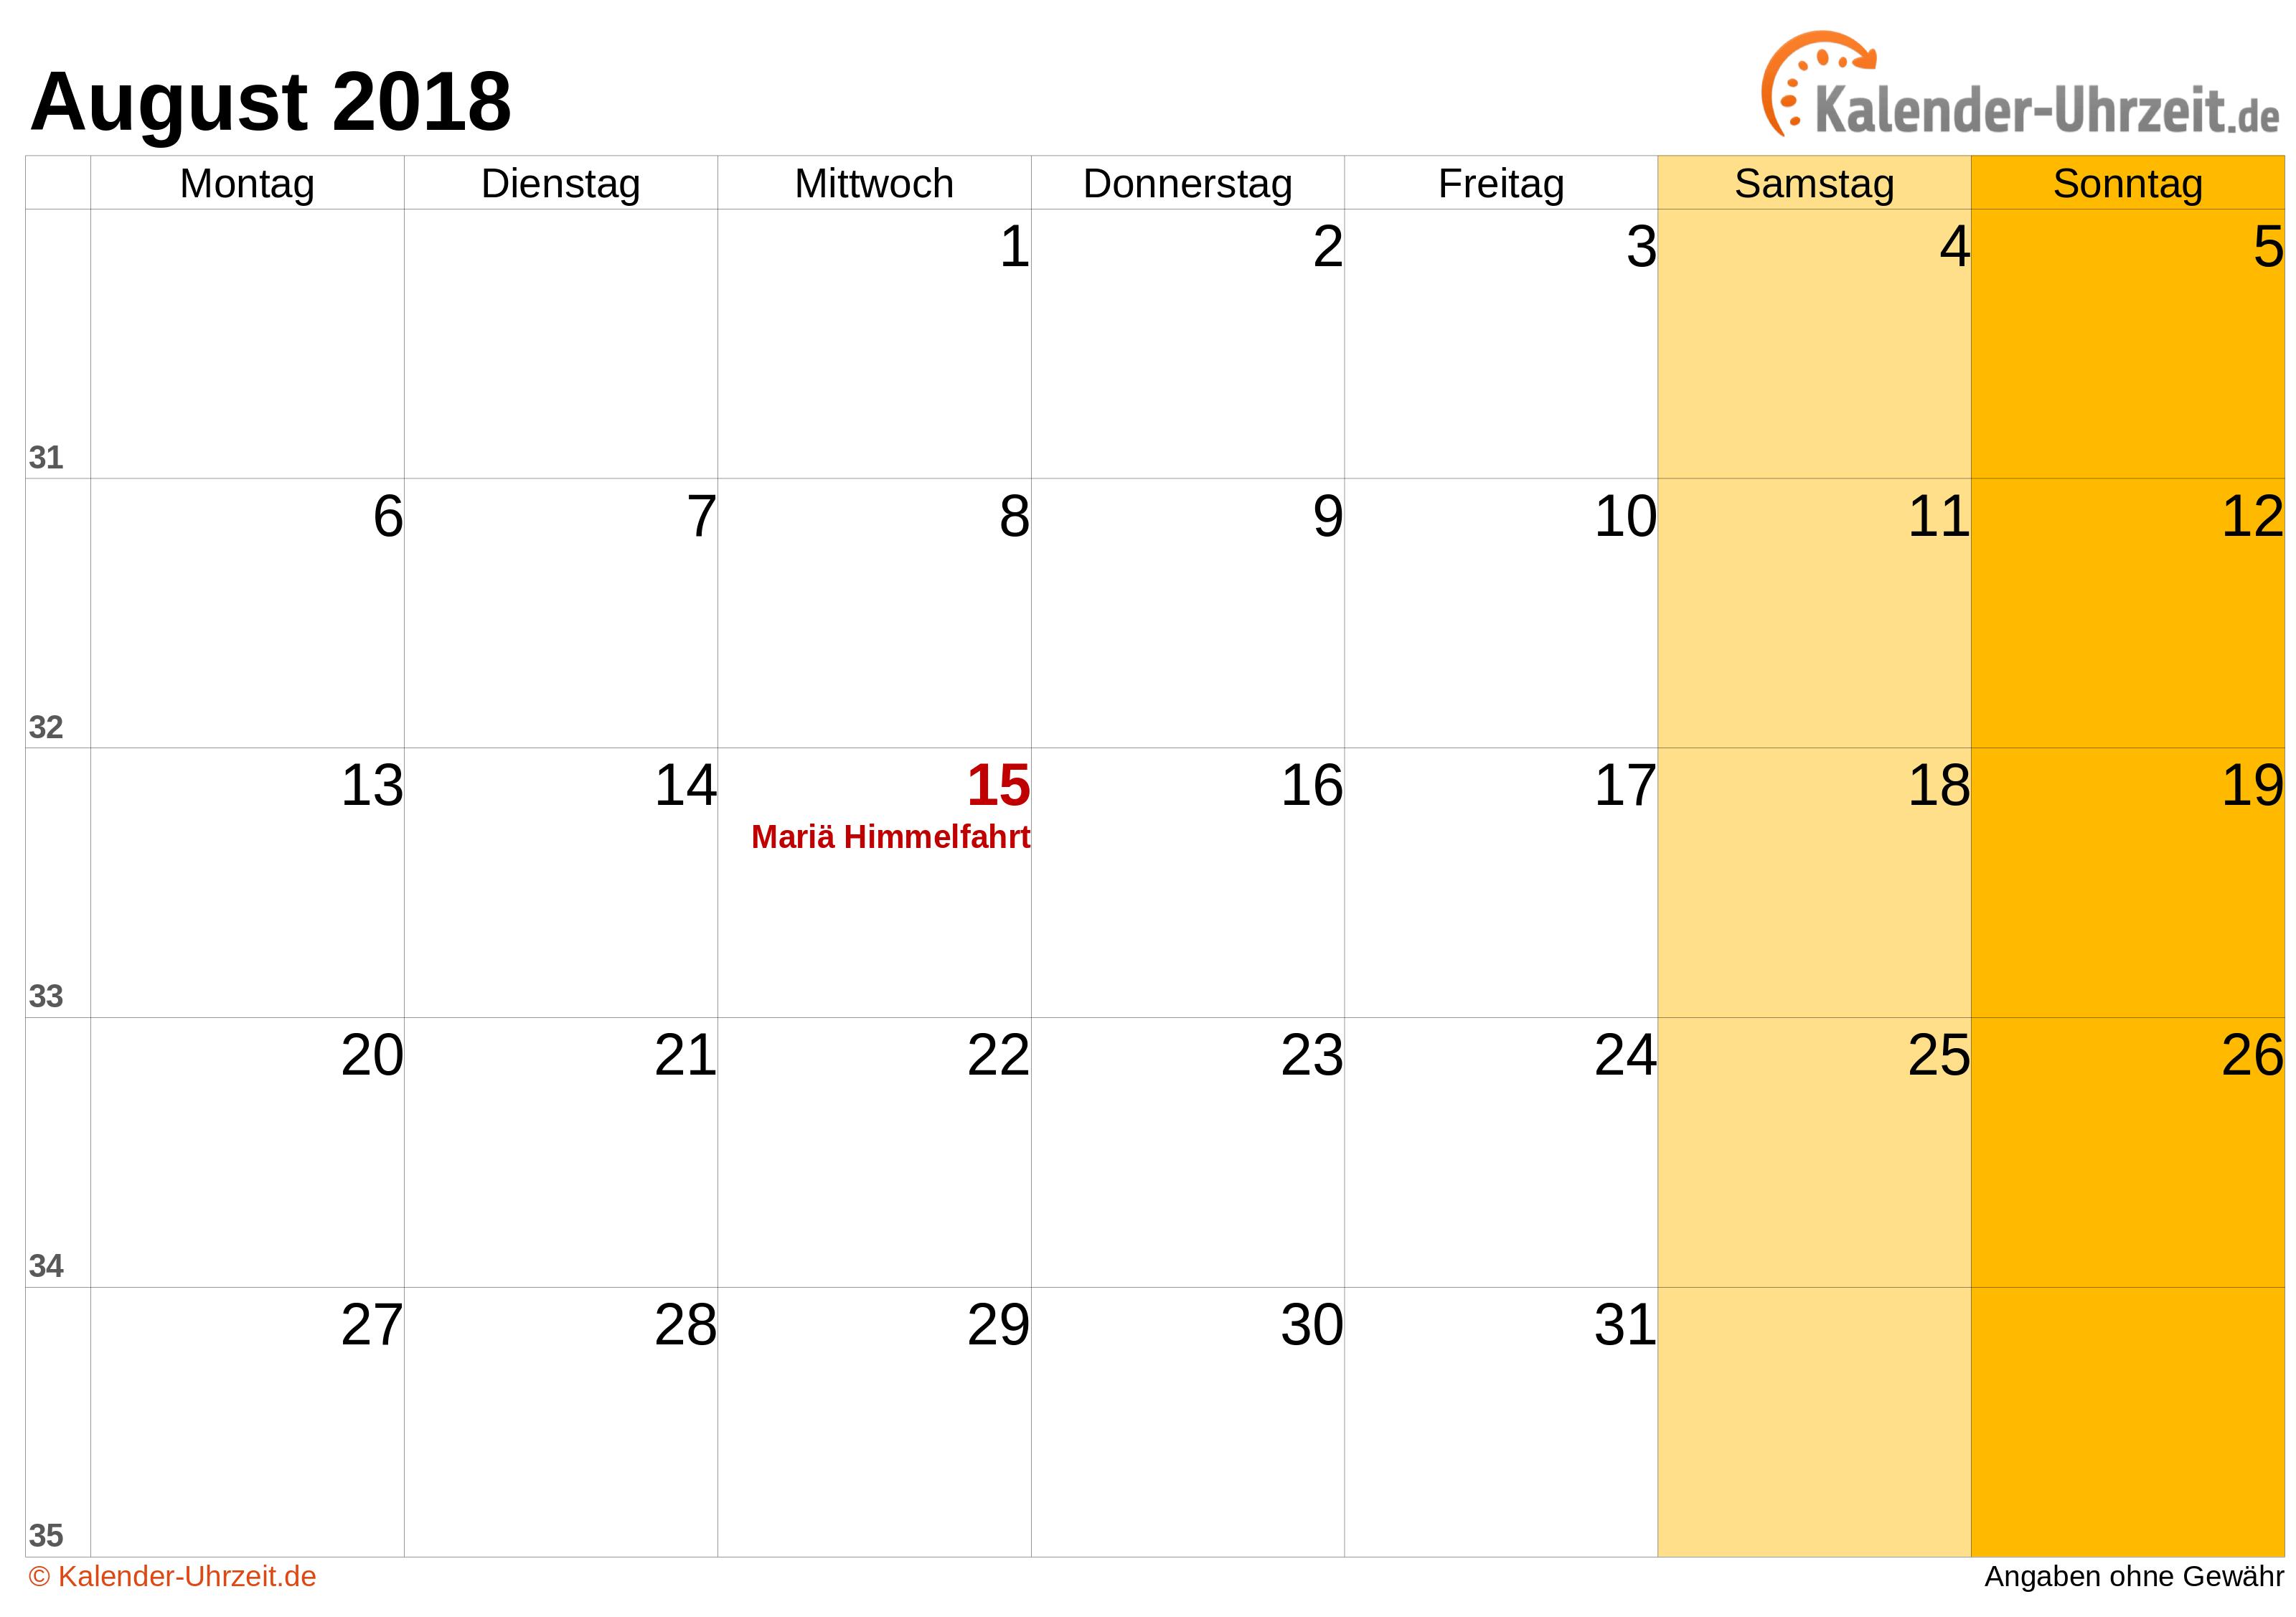 Kalender August 2018 mit Feiertagen